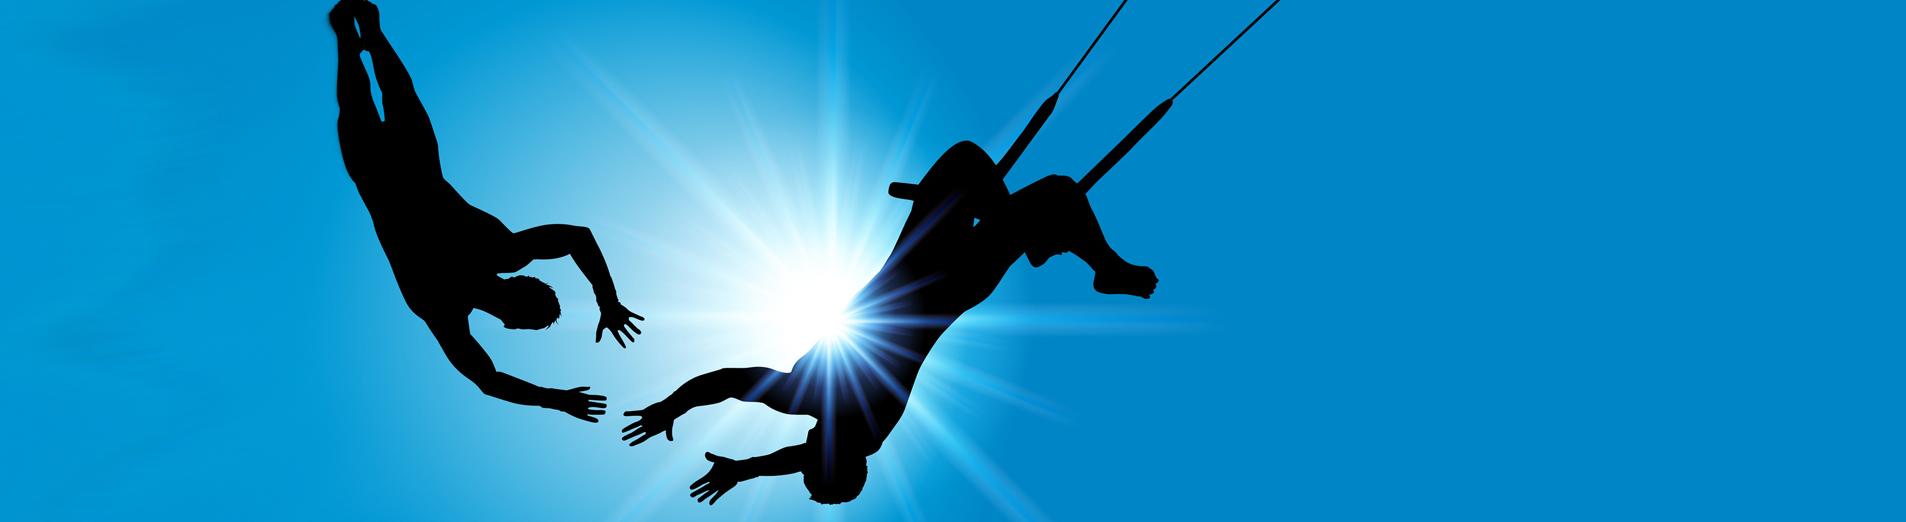 illustration d'acrobates au soleil pour la performance individuelle et collective